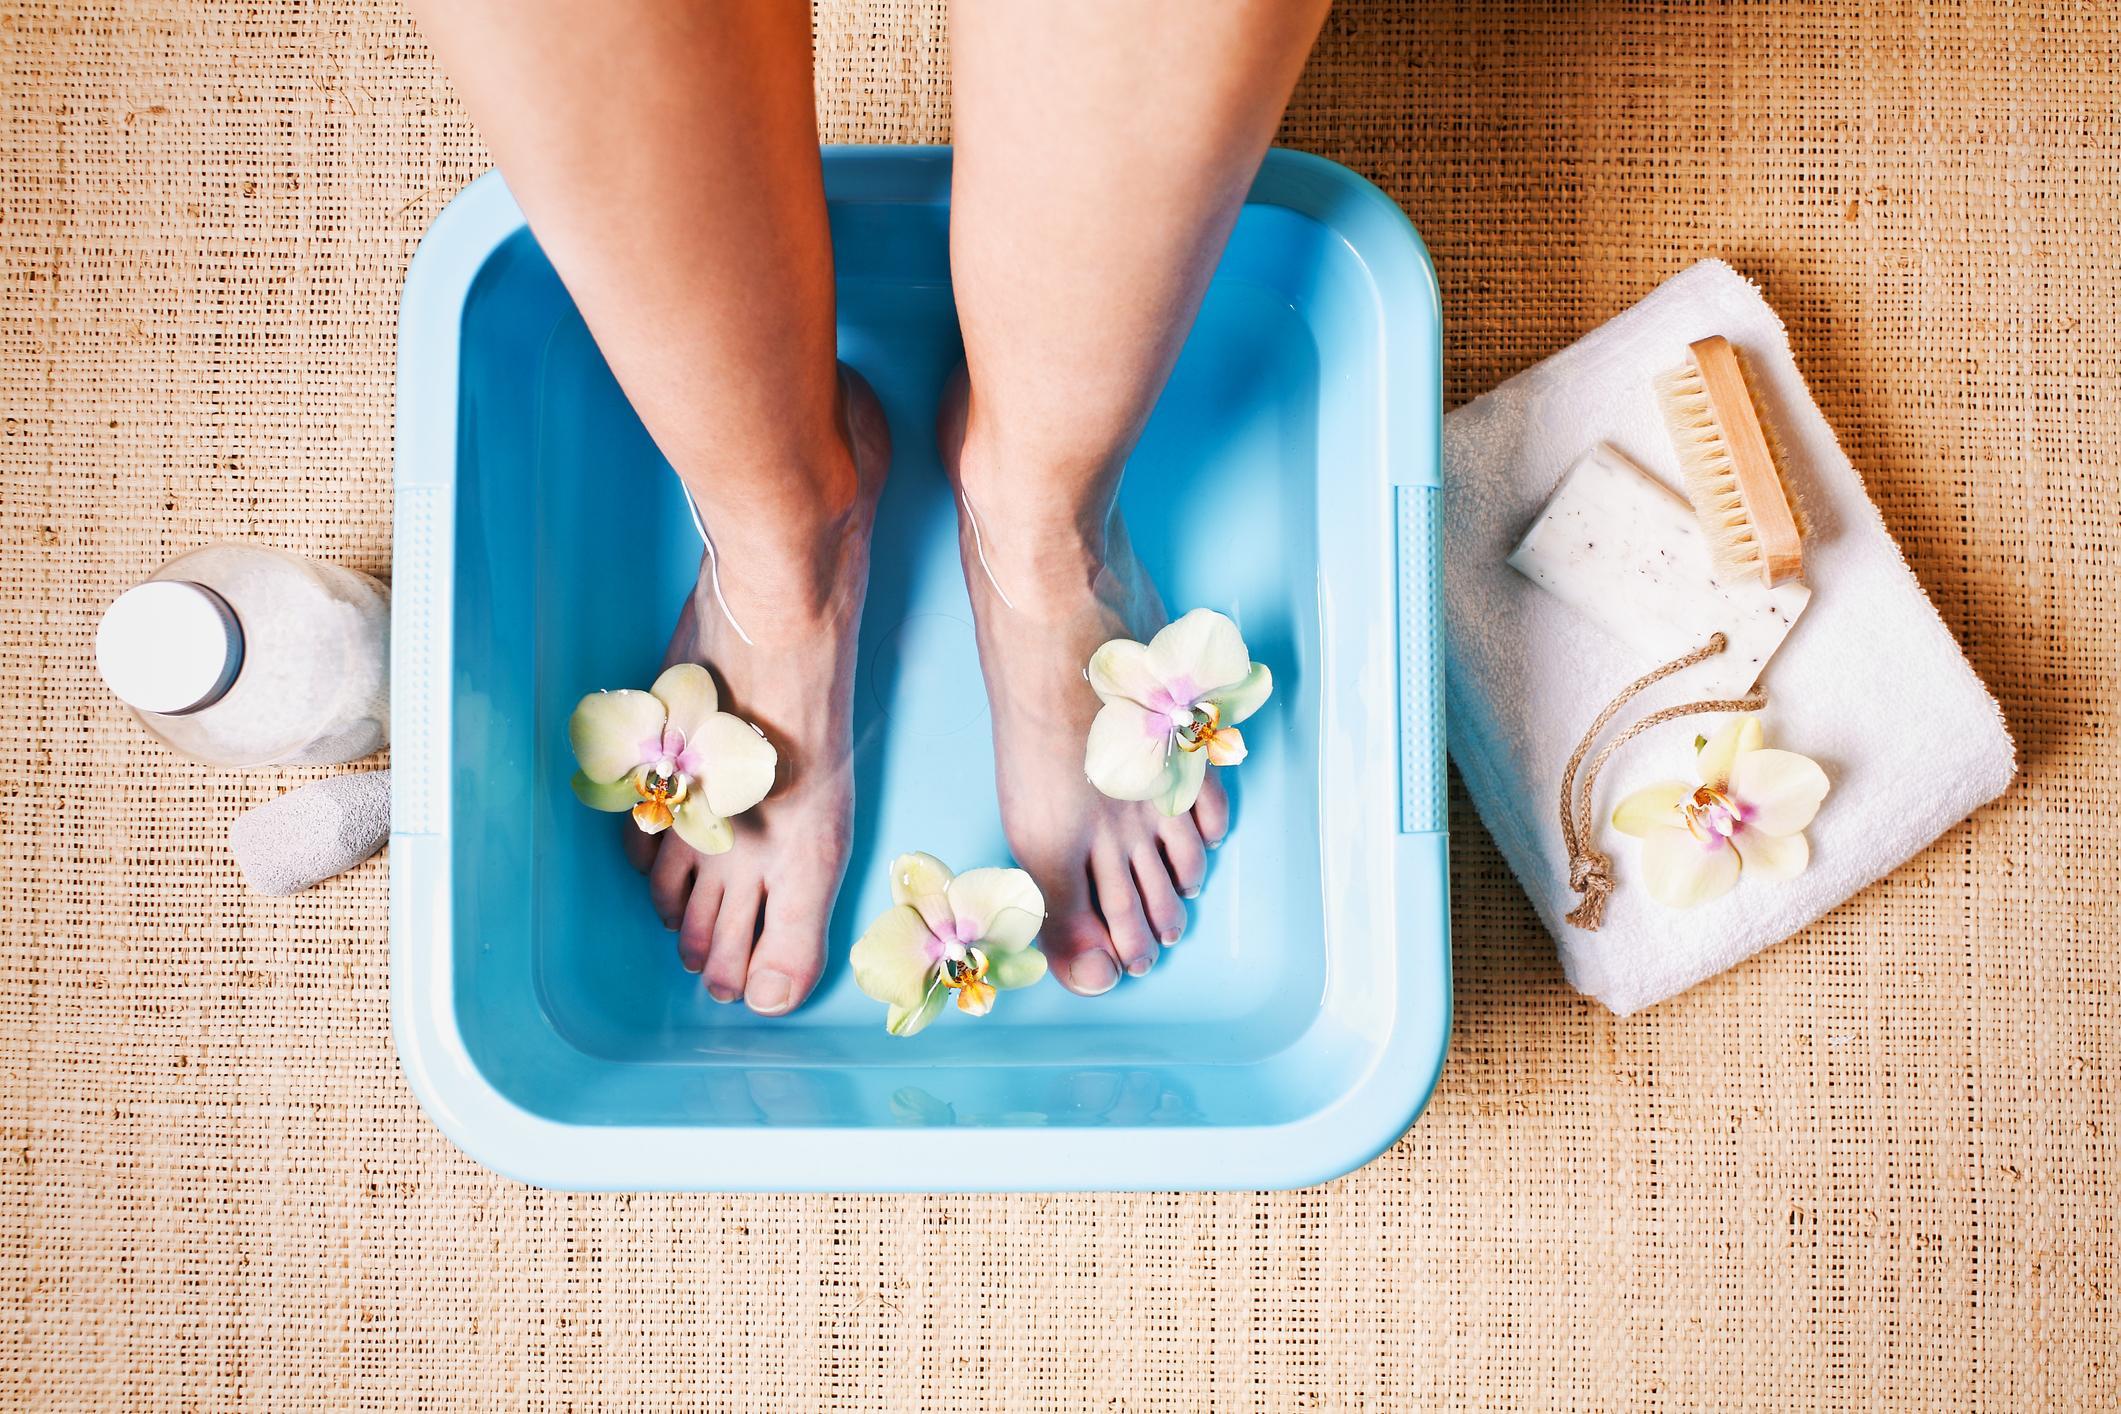 01.12 – Start adventstiden med at avstressende fotbad